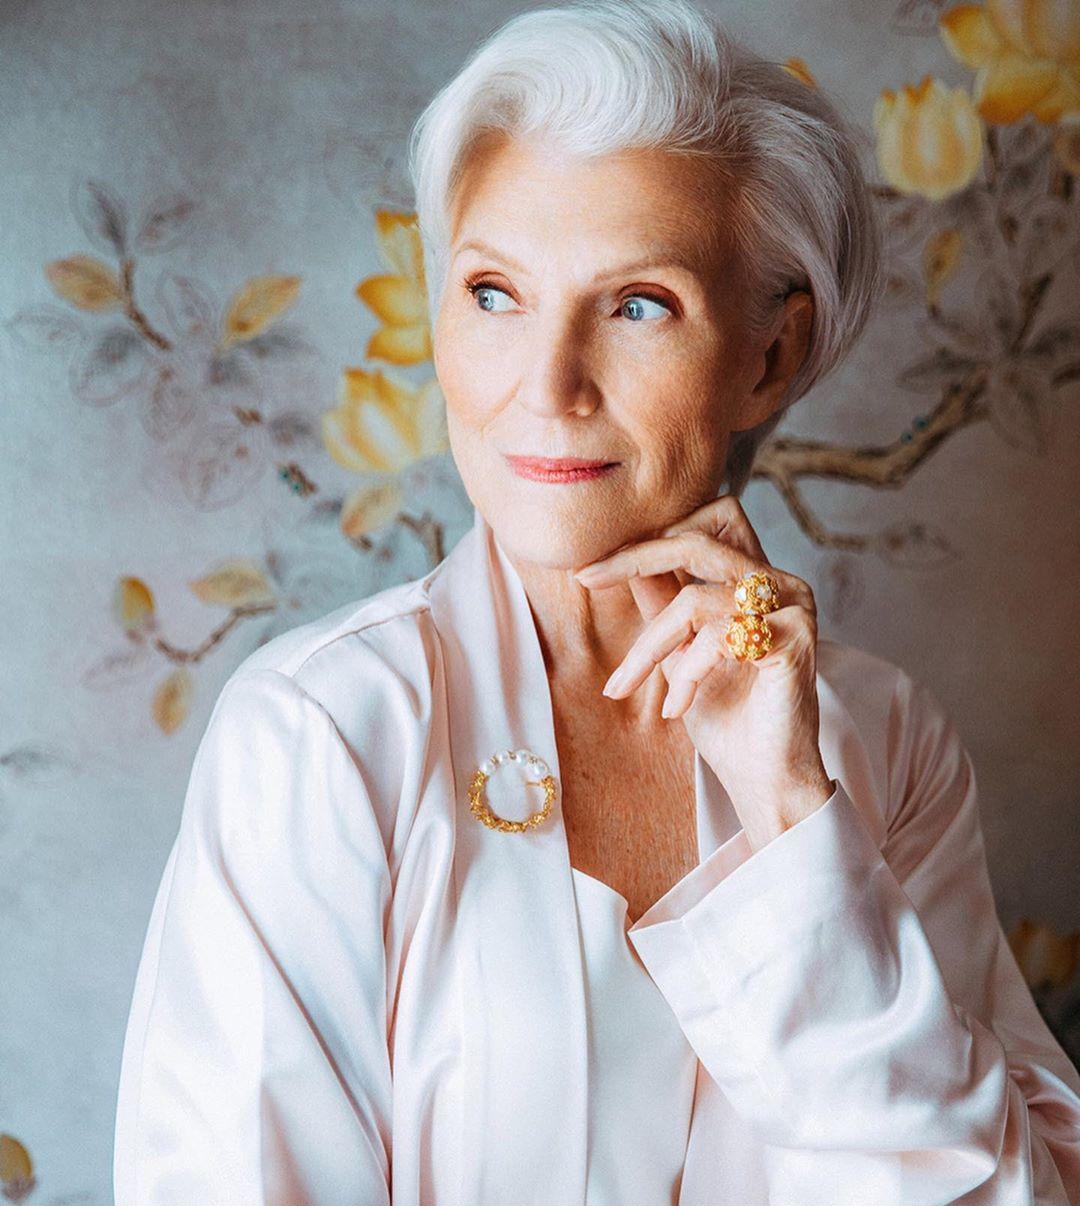 стрижки для пожилых женщин фото 13